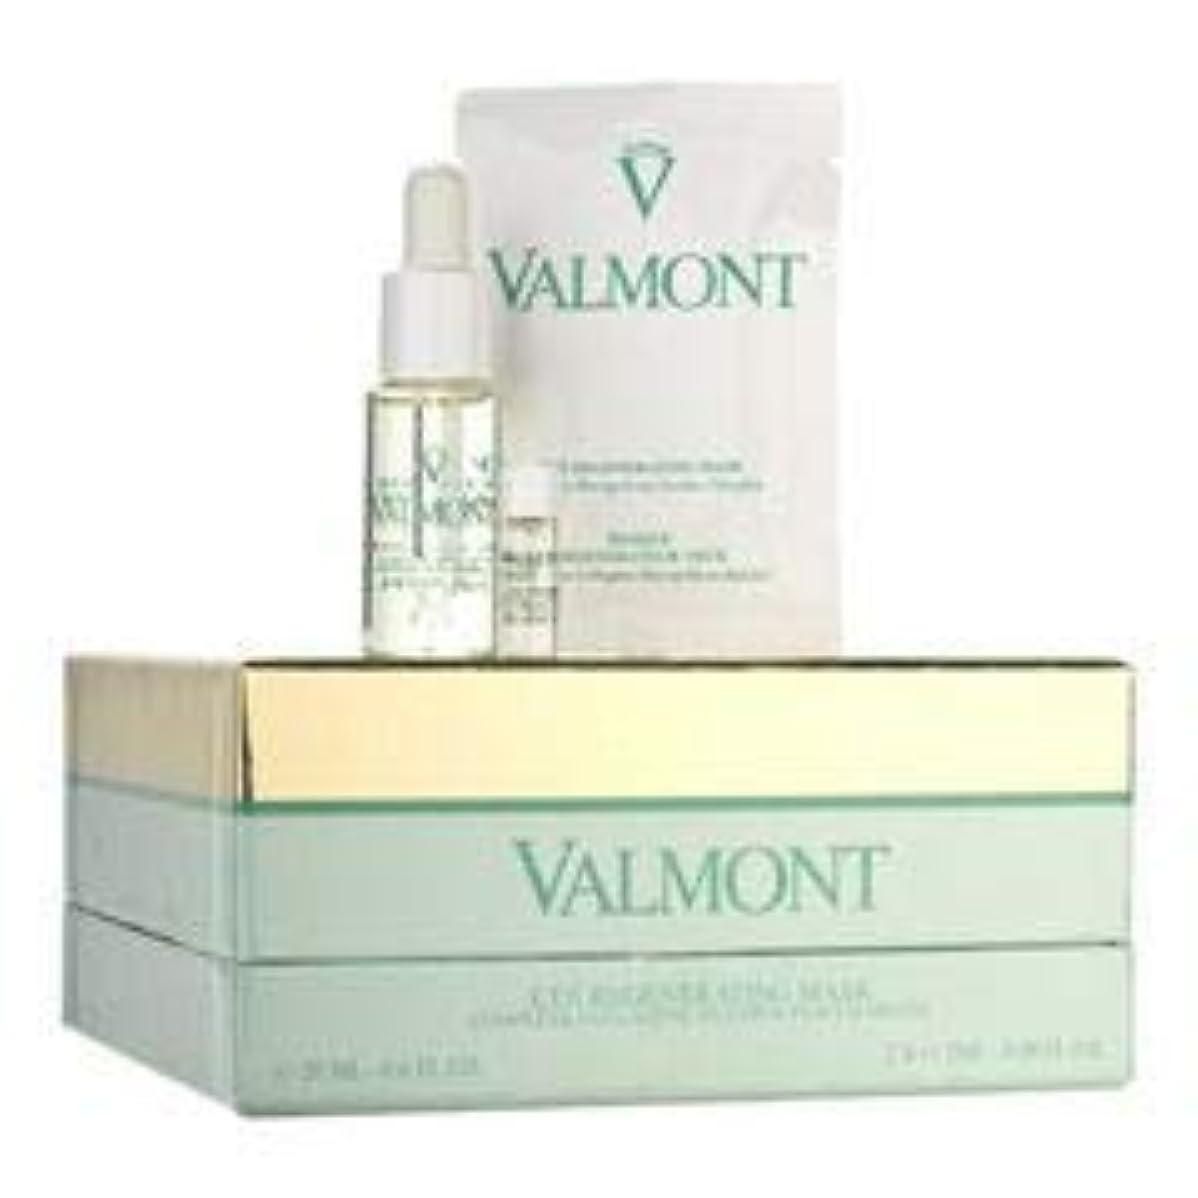 予防接種椅子追加ヴァルモン(VALMONT) アイマスク トリートメント [並行輸入品]